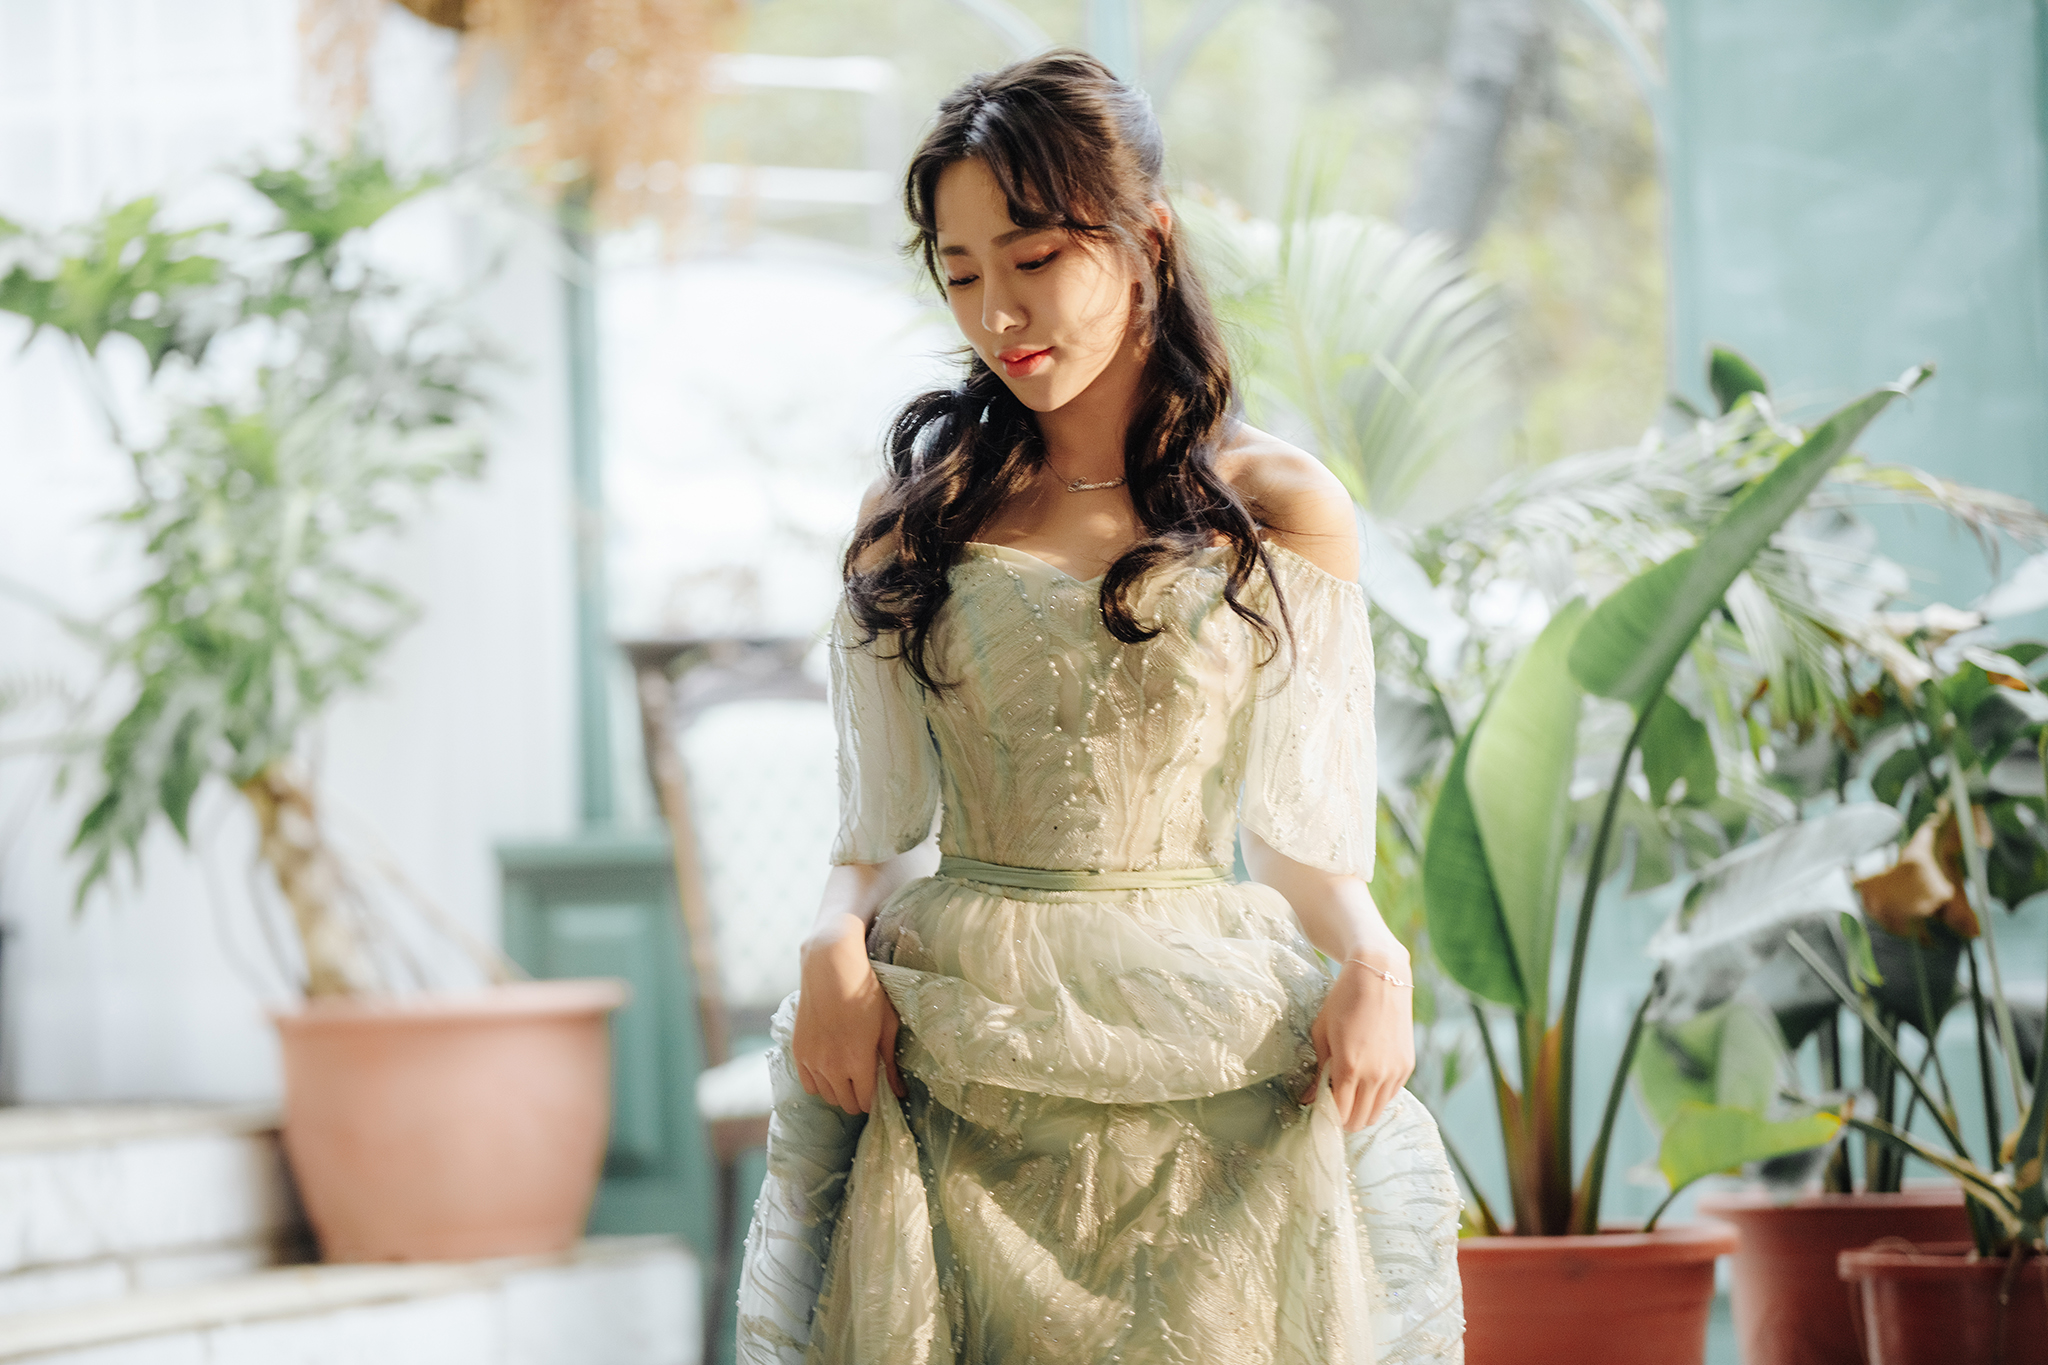 49438135816 5f4efdea01 o - 【自主婚紗】+Vina+